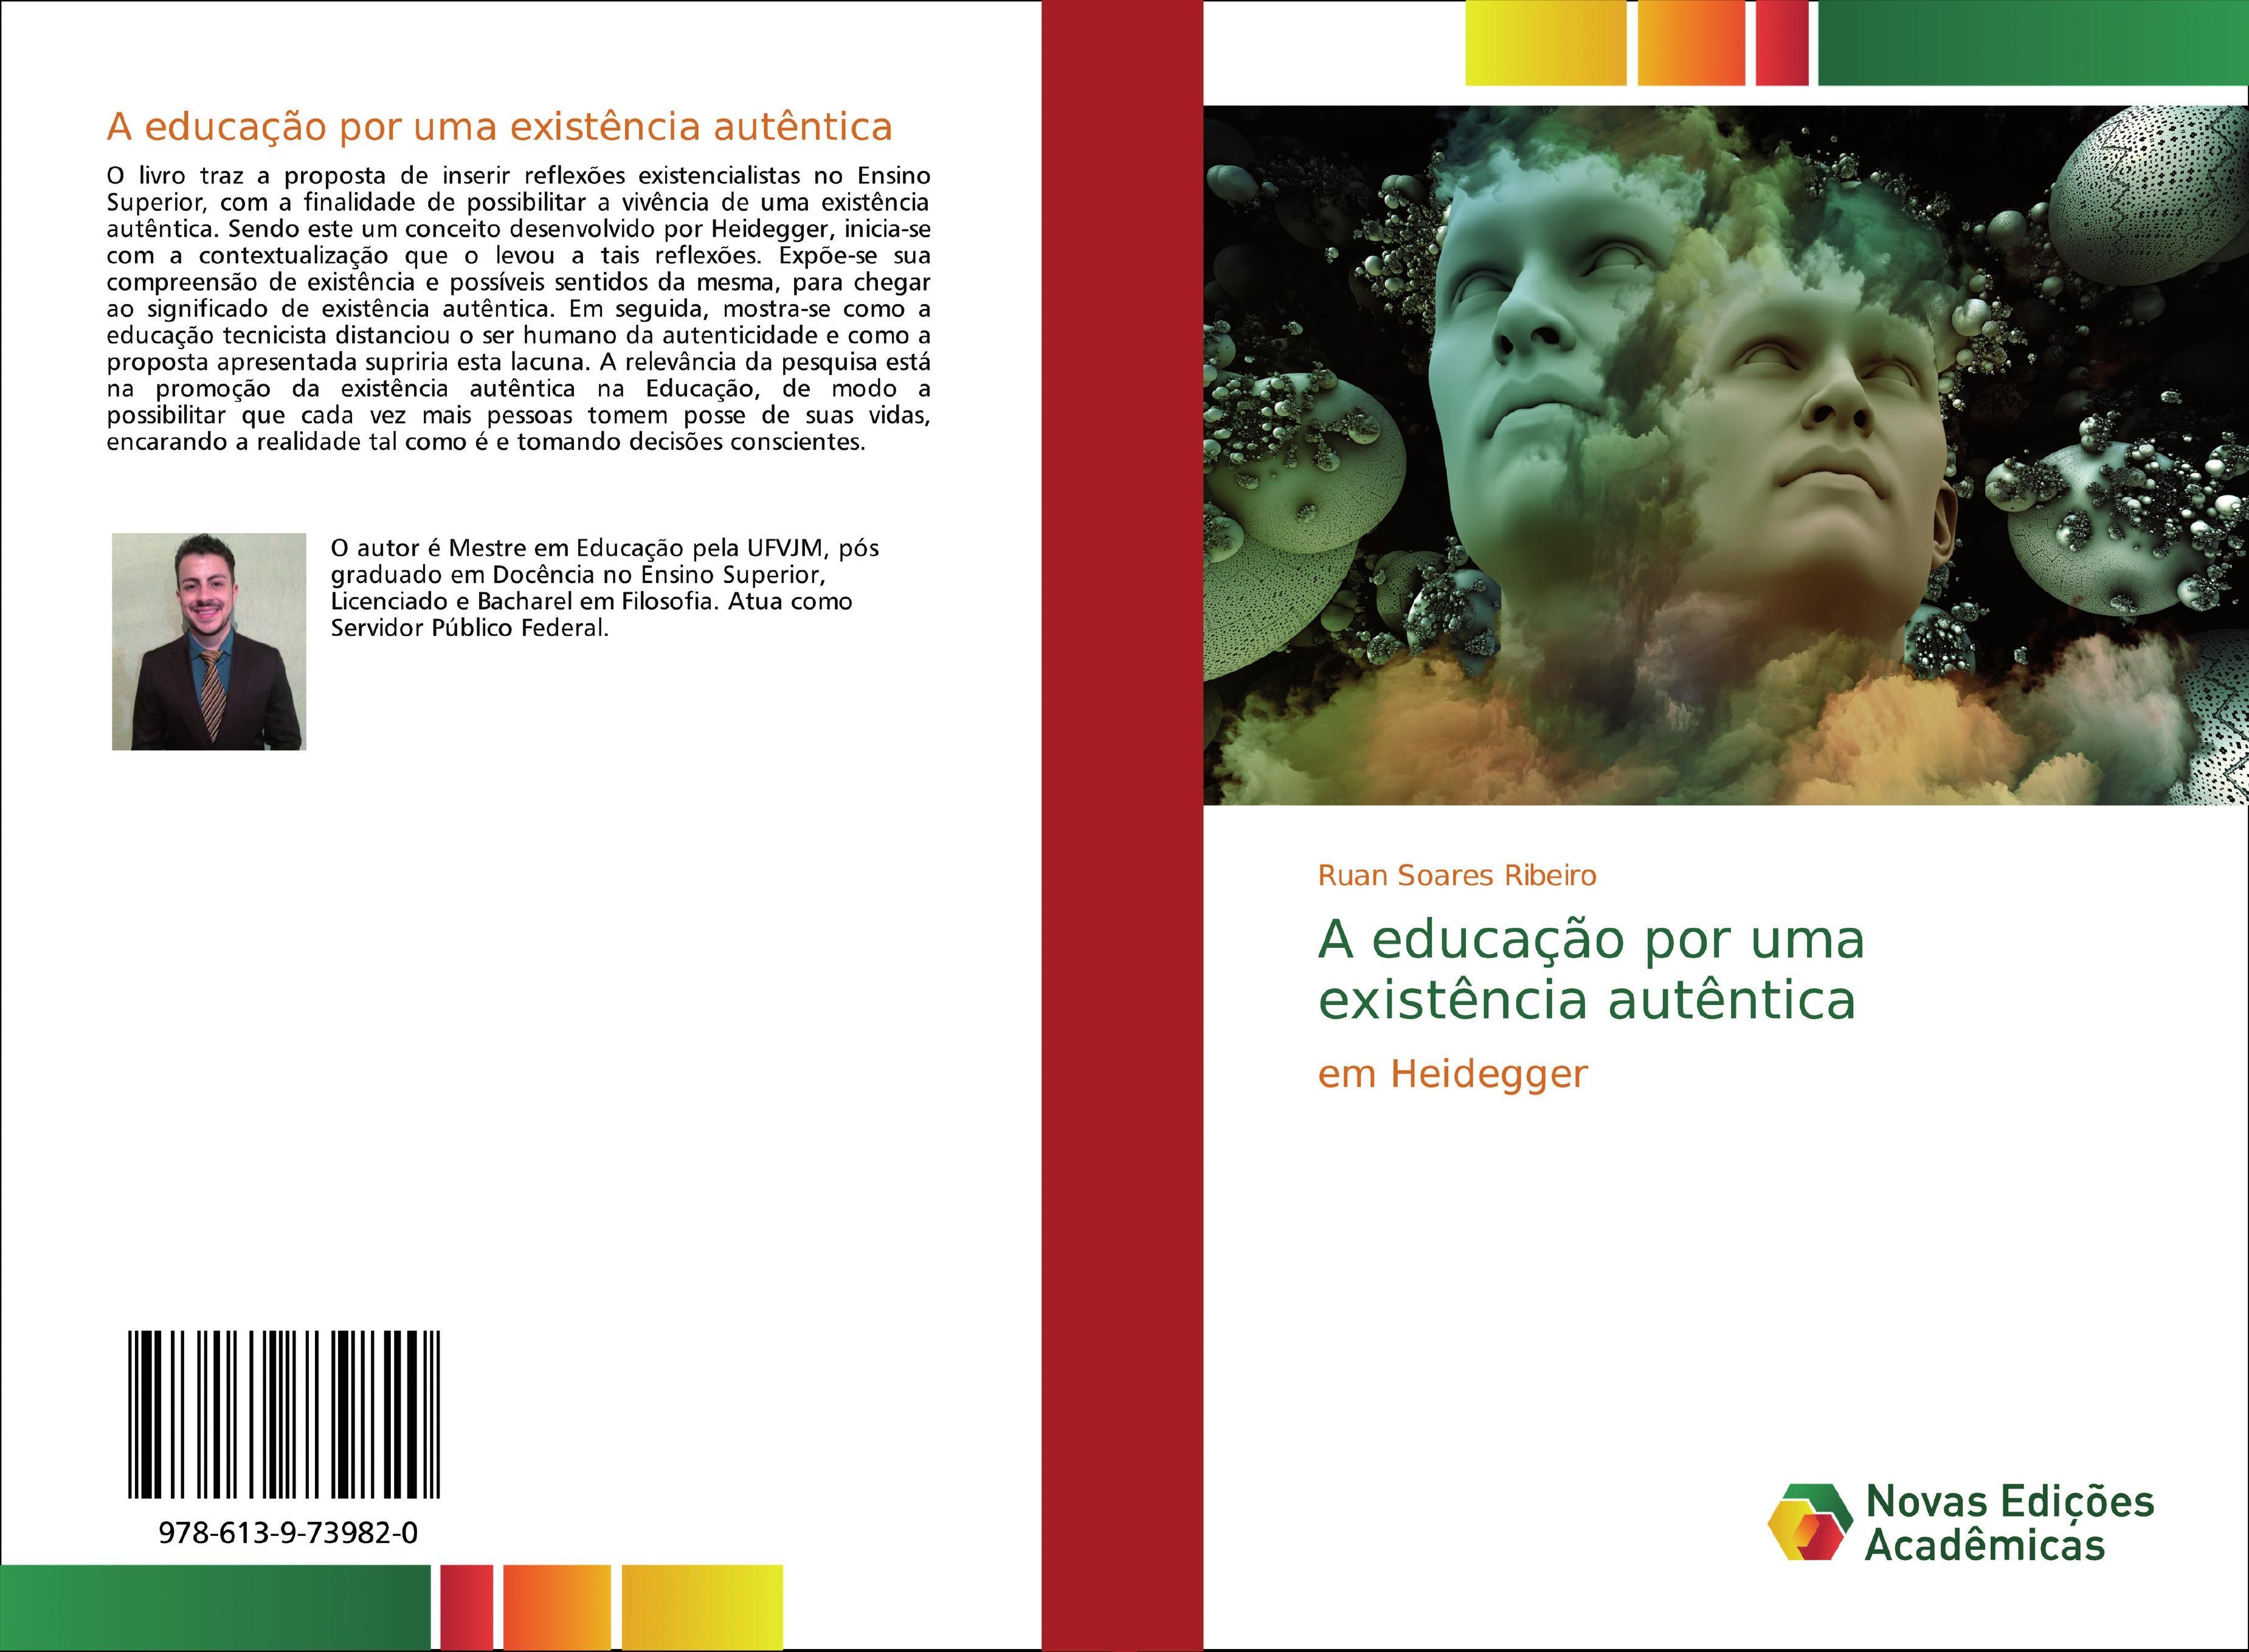 A educação por uma existência autêntica  Ruan Soares Ribeiro  Taschenbuch  Portugiesisch  2018 - Soares Ribeiro, Ruan